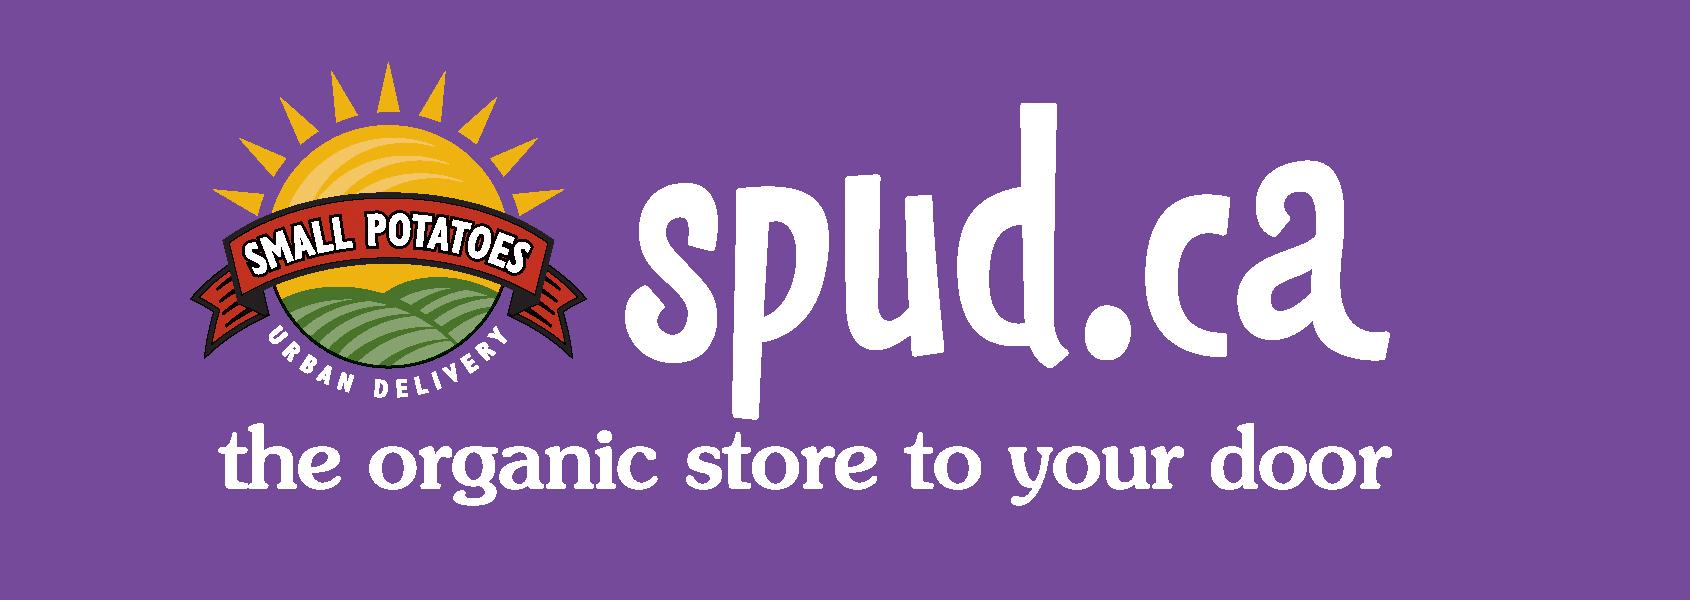 spud_logo2-rgb.jpg